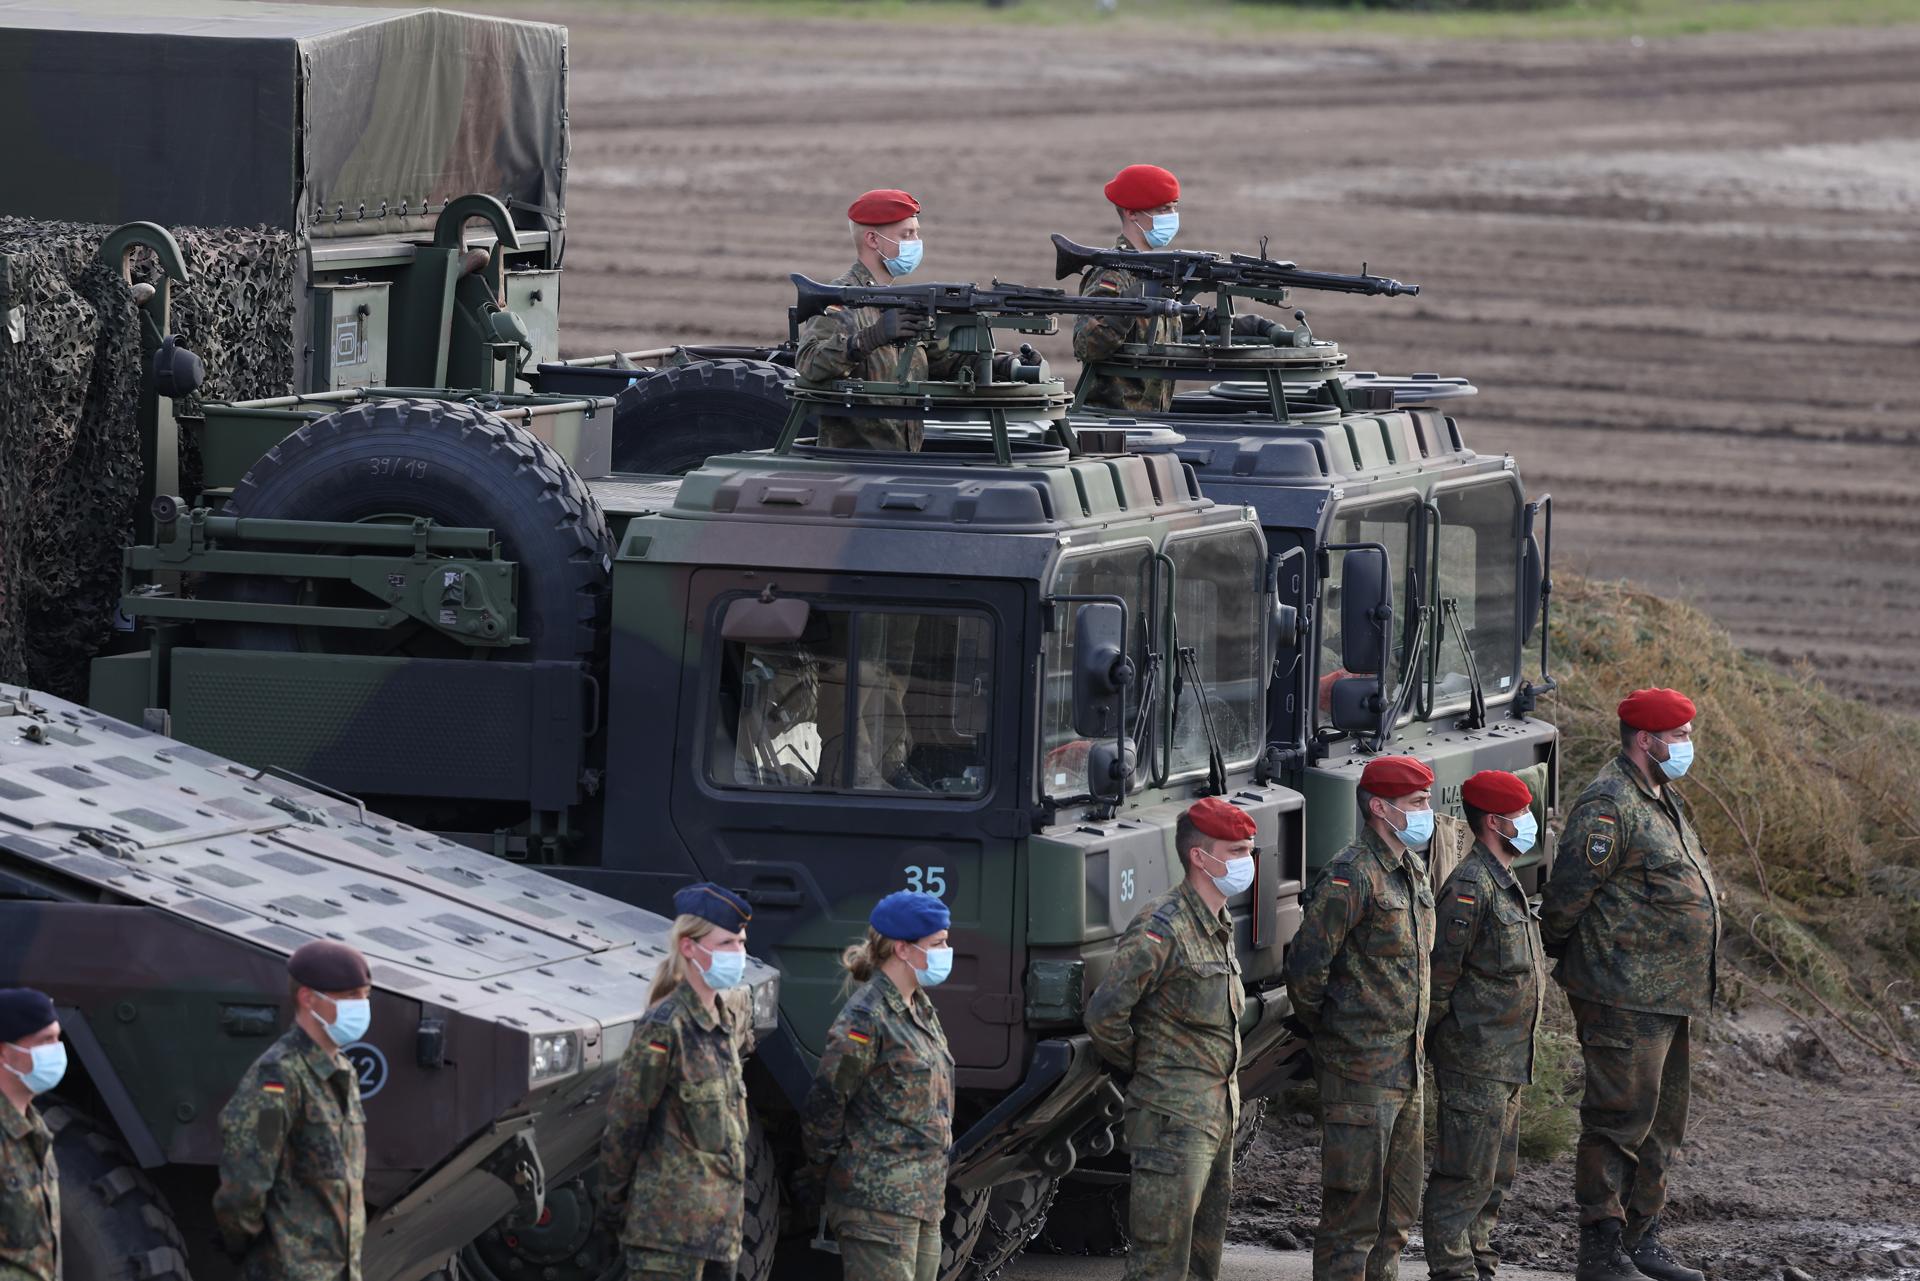 Не продержится и пару дней: Политолог заявил о минимальных шансах Германии в войне с Россией